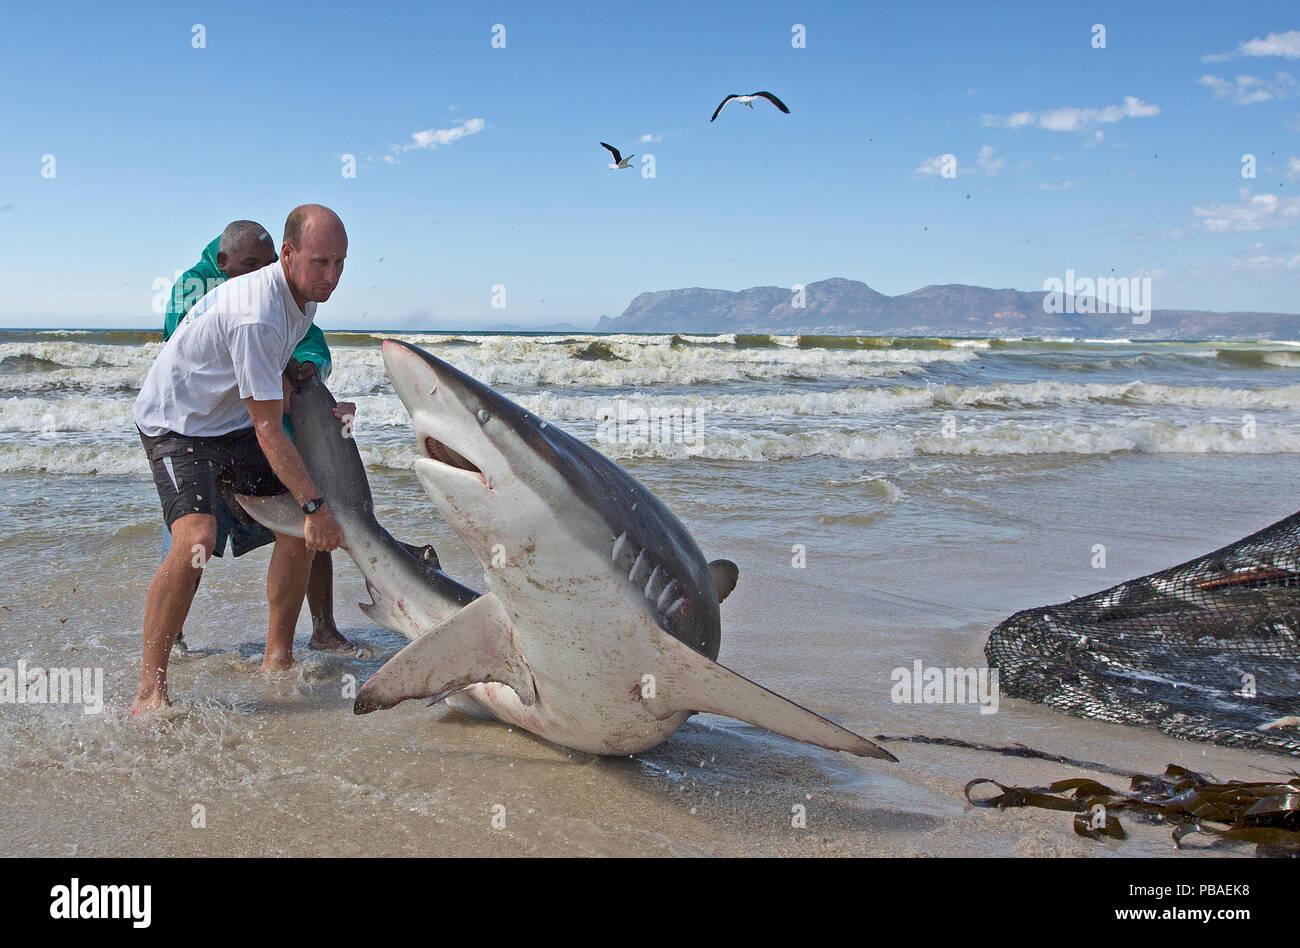 Bronze whaler shark (Carcharhinus brachyurus), catturati nelle tradizionali seine net e rilasciato dal pescatore, Muizenberg Beach, Città del Capo, Sud Africa, gennaio. Immagini Stock